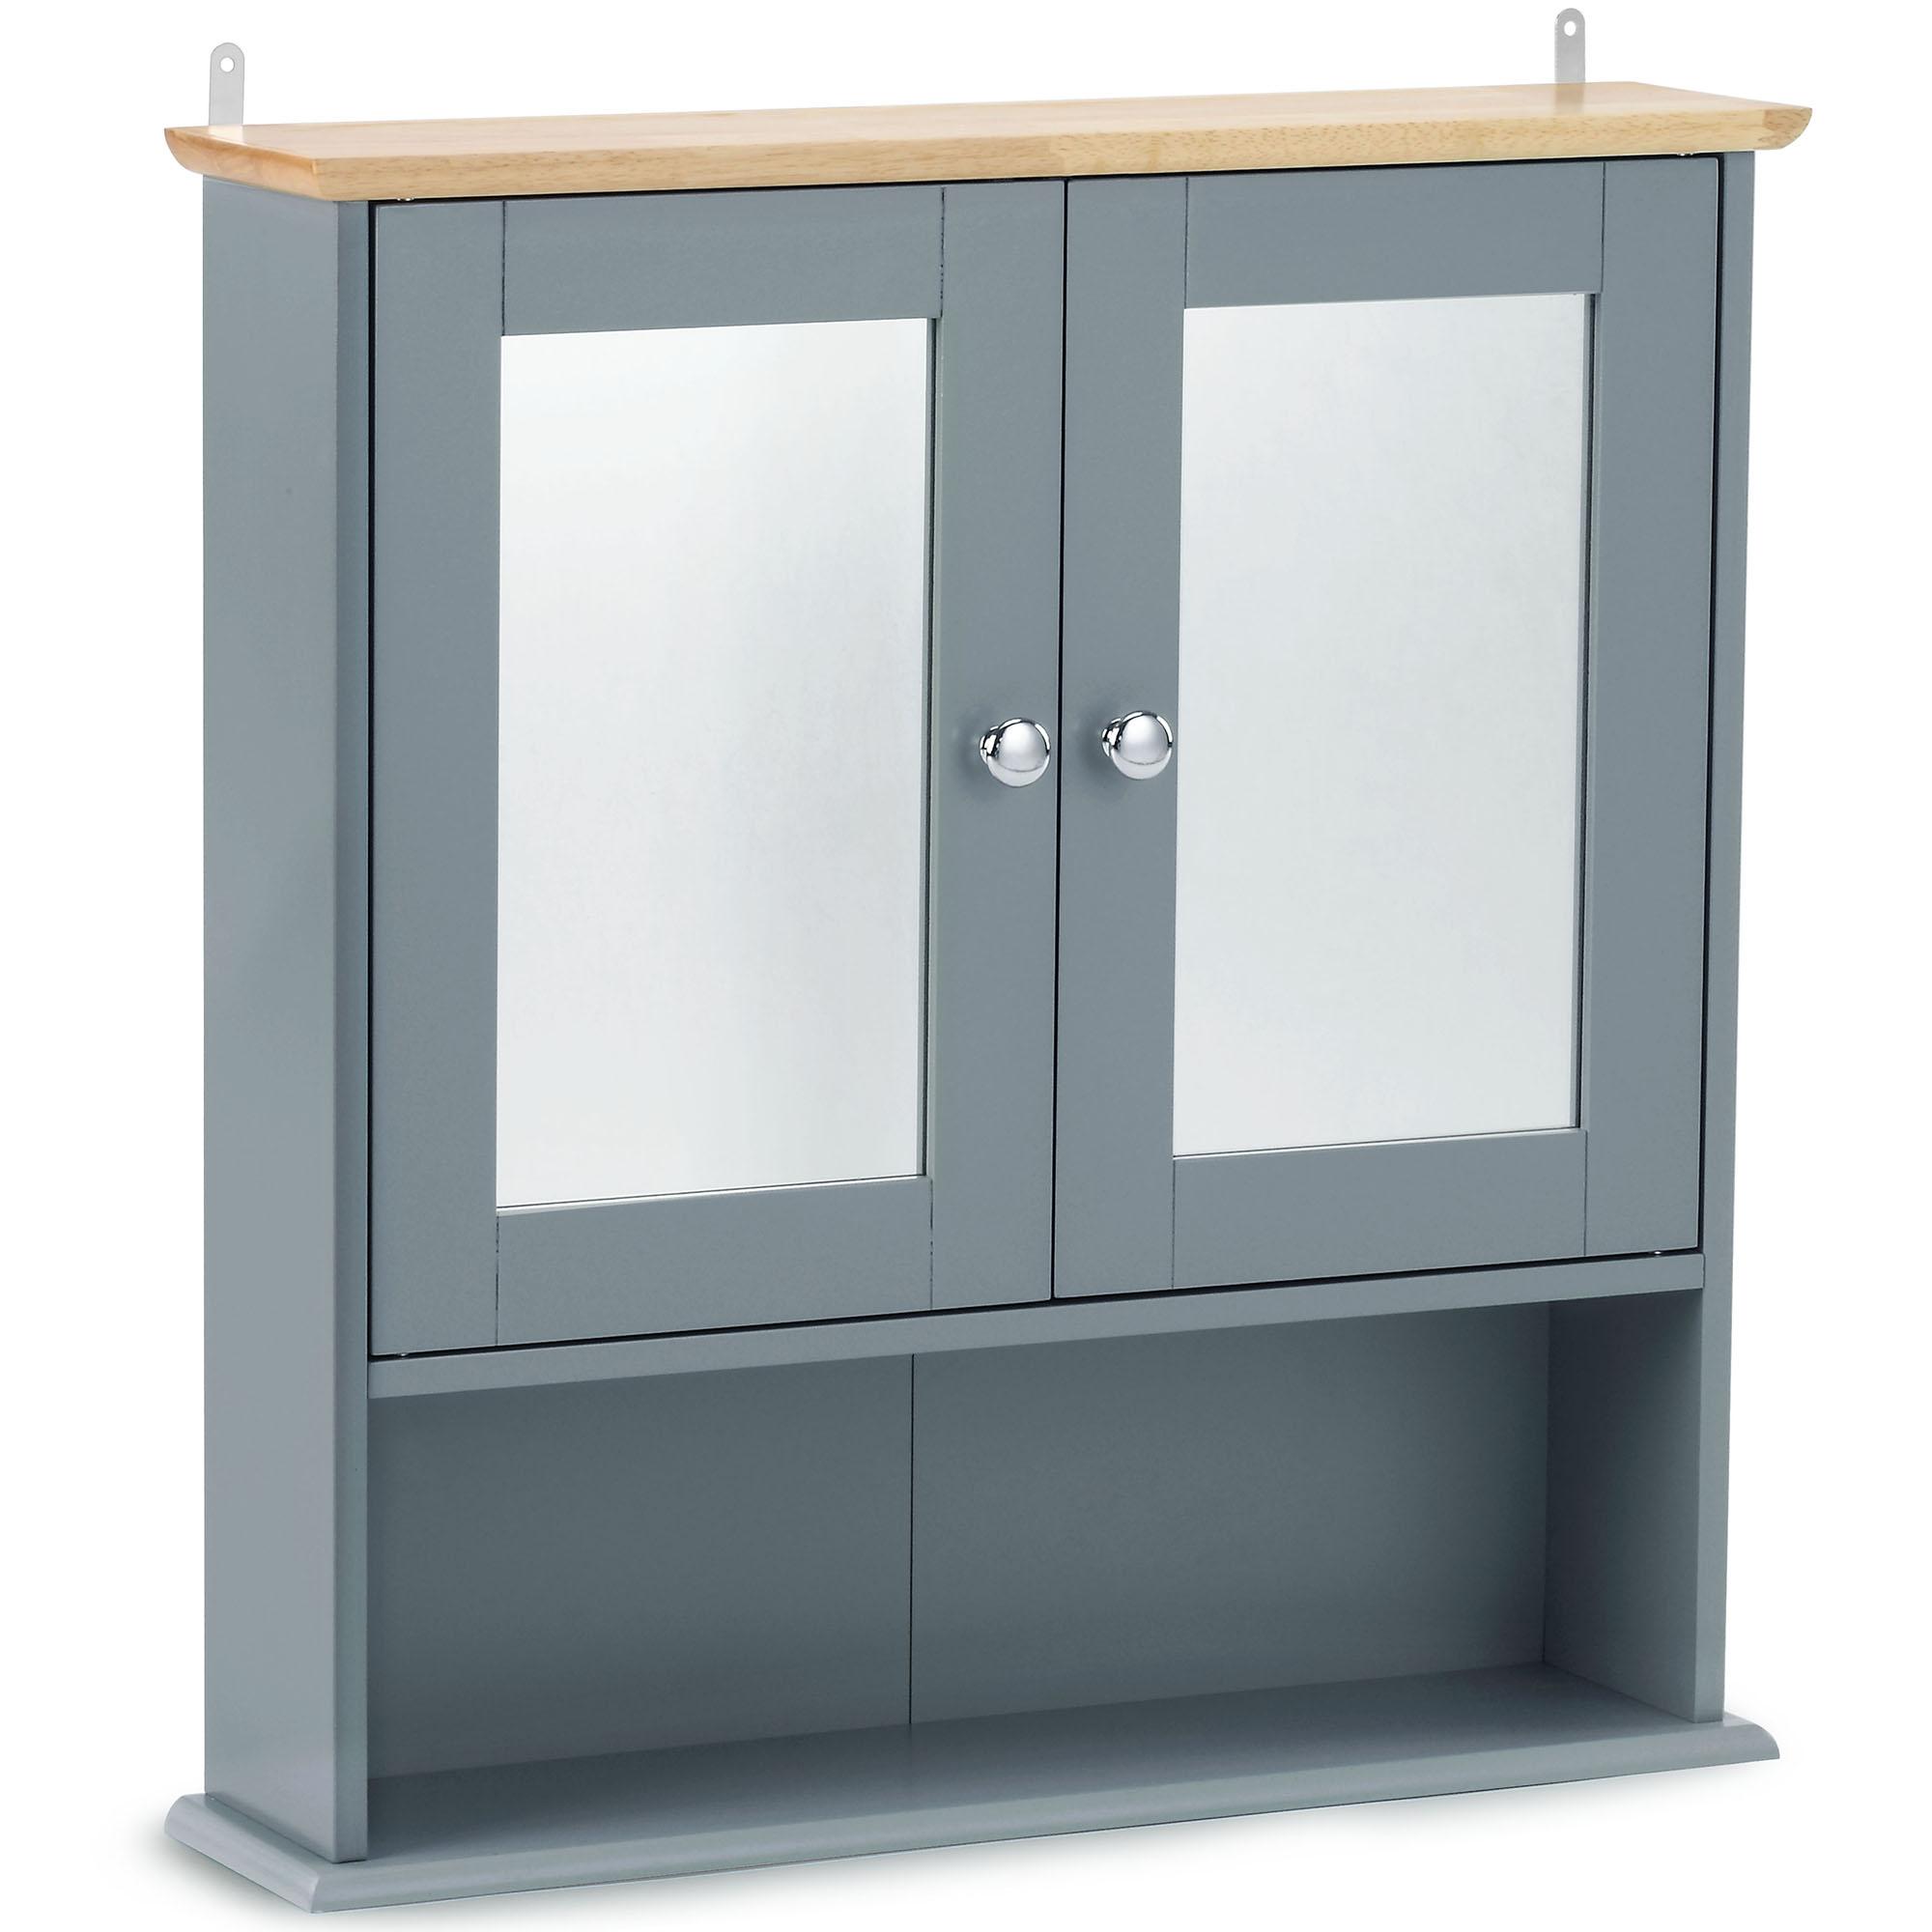 Vonhaus Bathroom Wall Cabinet Storage